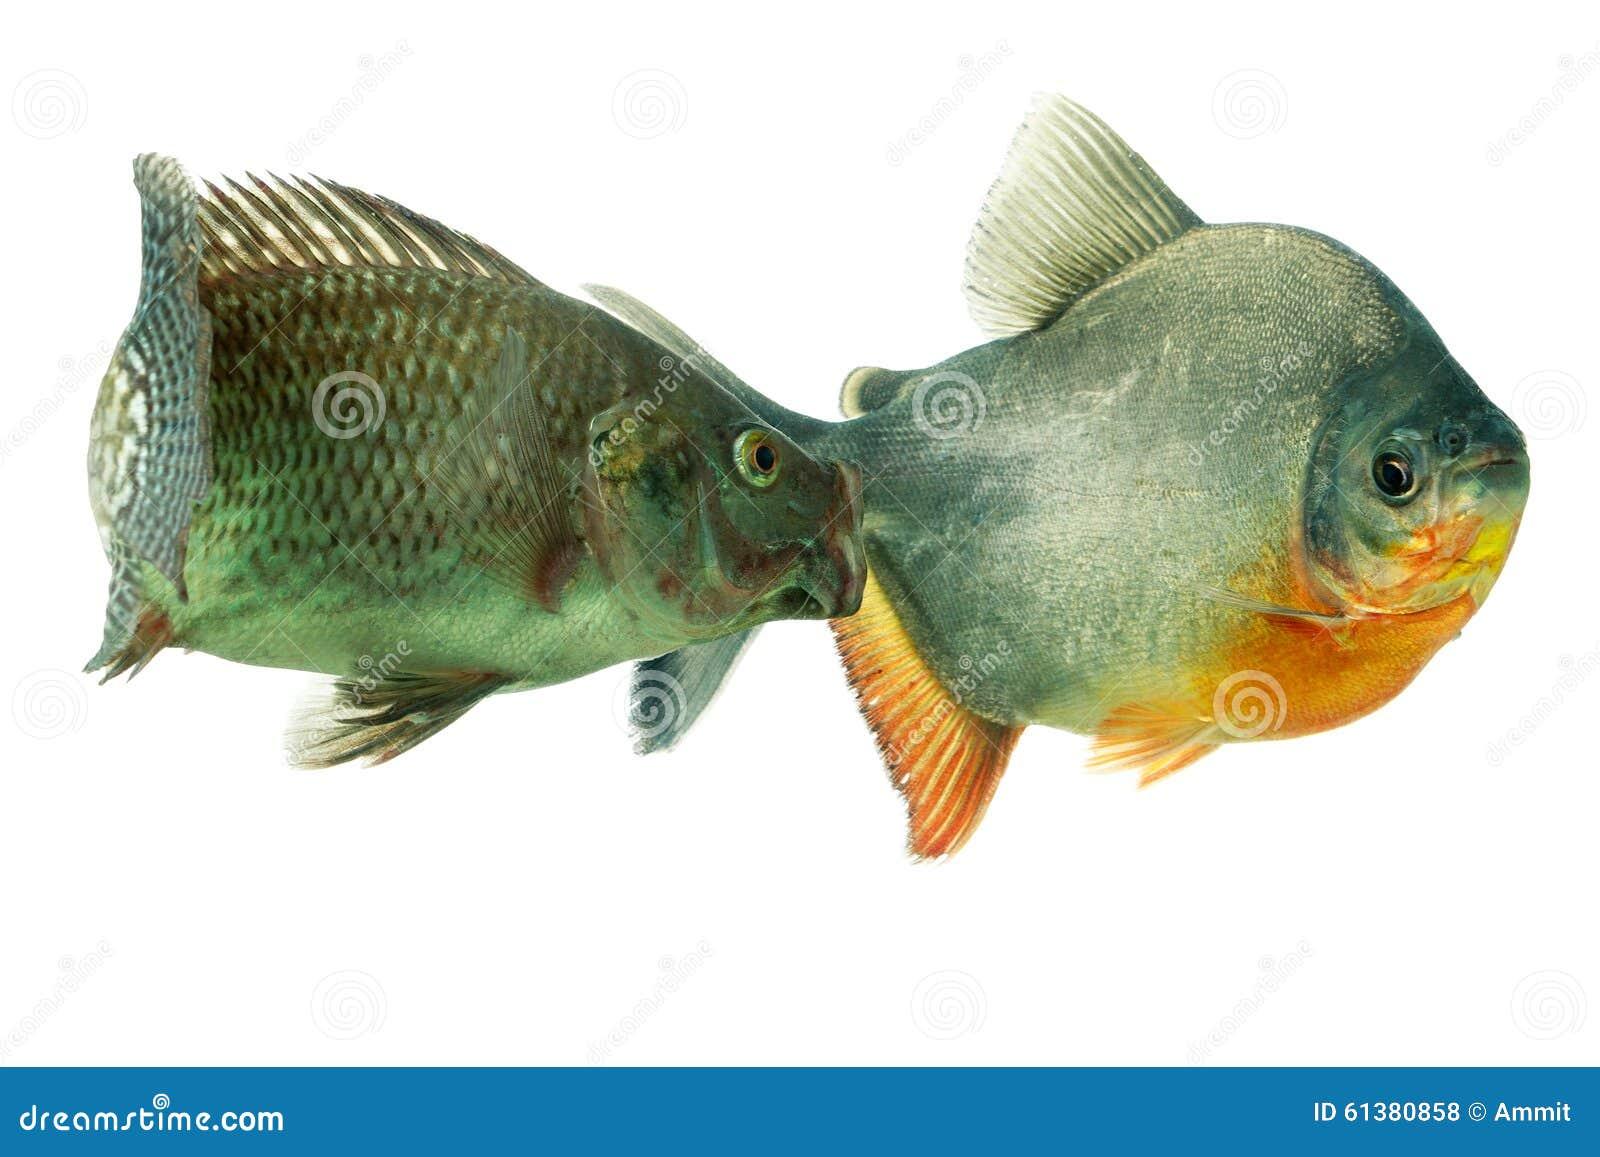 Aggressive tilapia fish in aquarium stock photo image for Tilapia aquarium